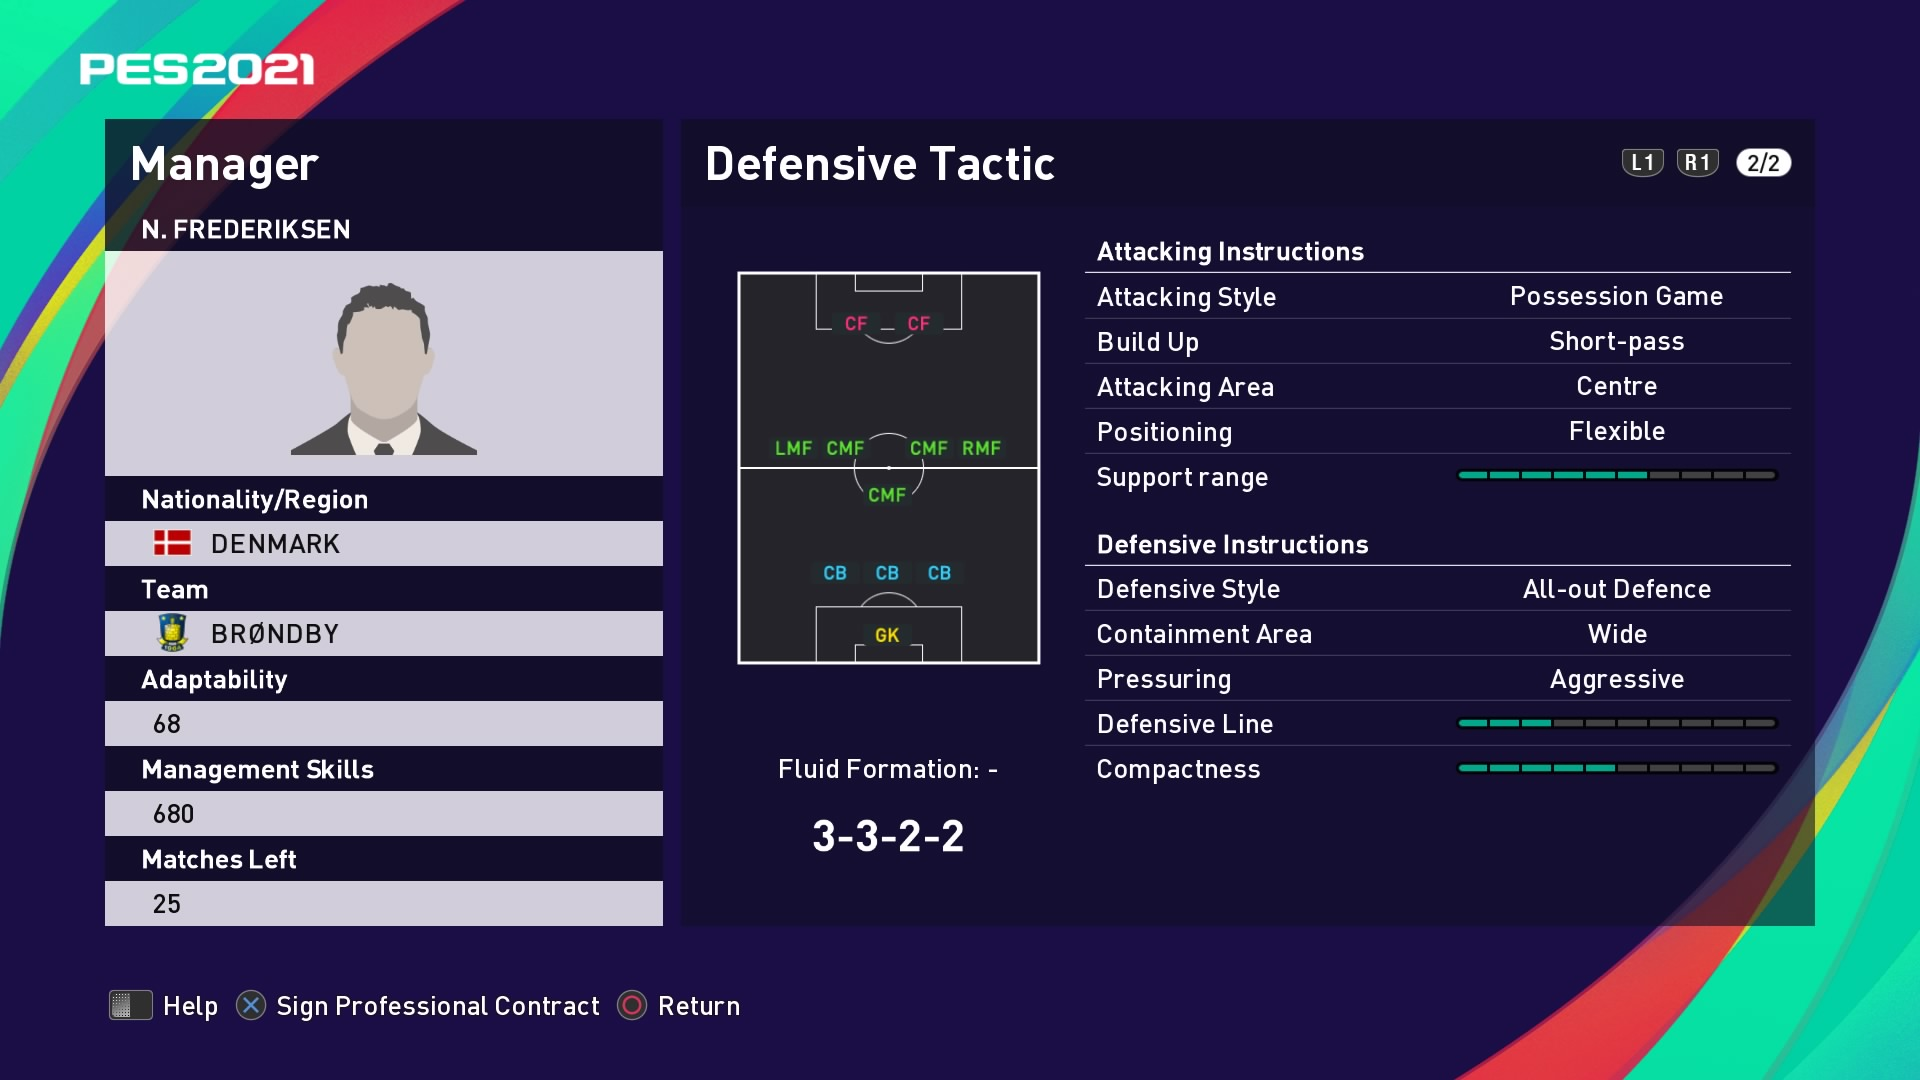 N. Frederiksen (Niels Frederiksen) Defensive Tactic in PES 2021 myClub